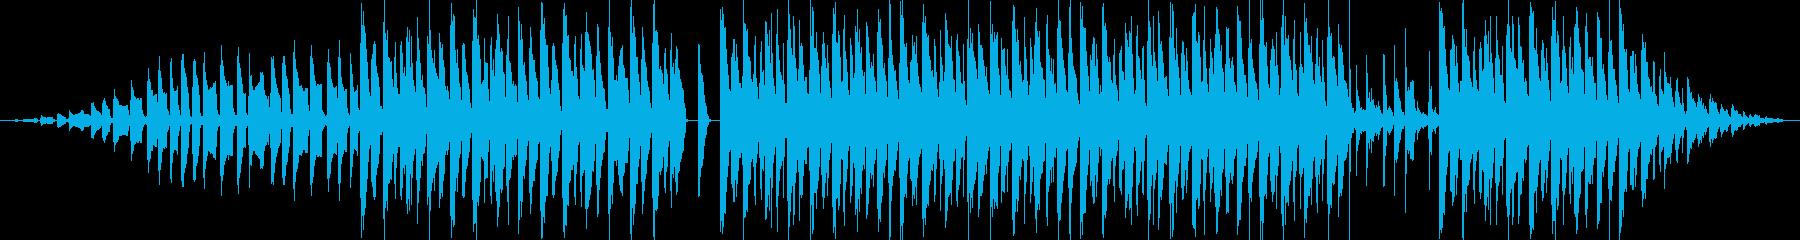 オルガンベースサウンドのクラブハウ...の再生済みの波形